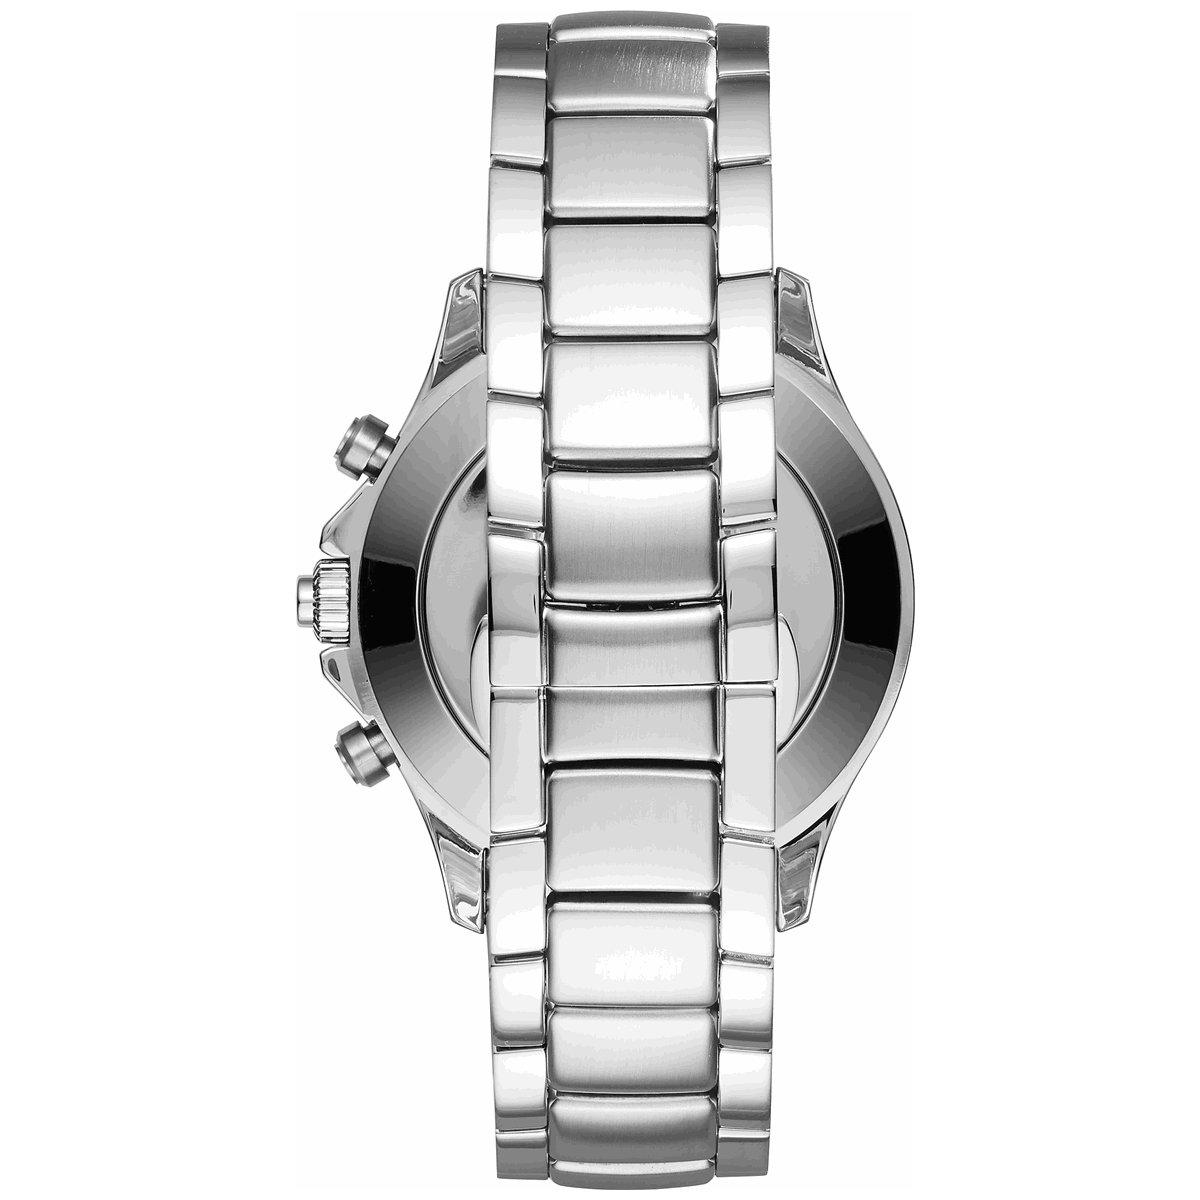 エンポリオアルマーニ EMPORIO ARMANI コネクテッド ハイブリッド スマートウォッチ ウェアラブル 腕時計 メンズ アルベルト ALBERTO HYBRID ART3011